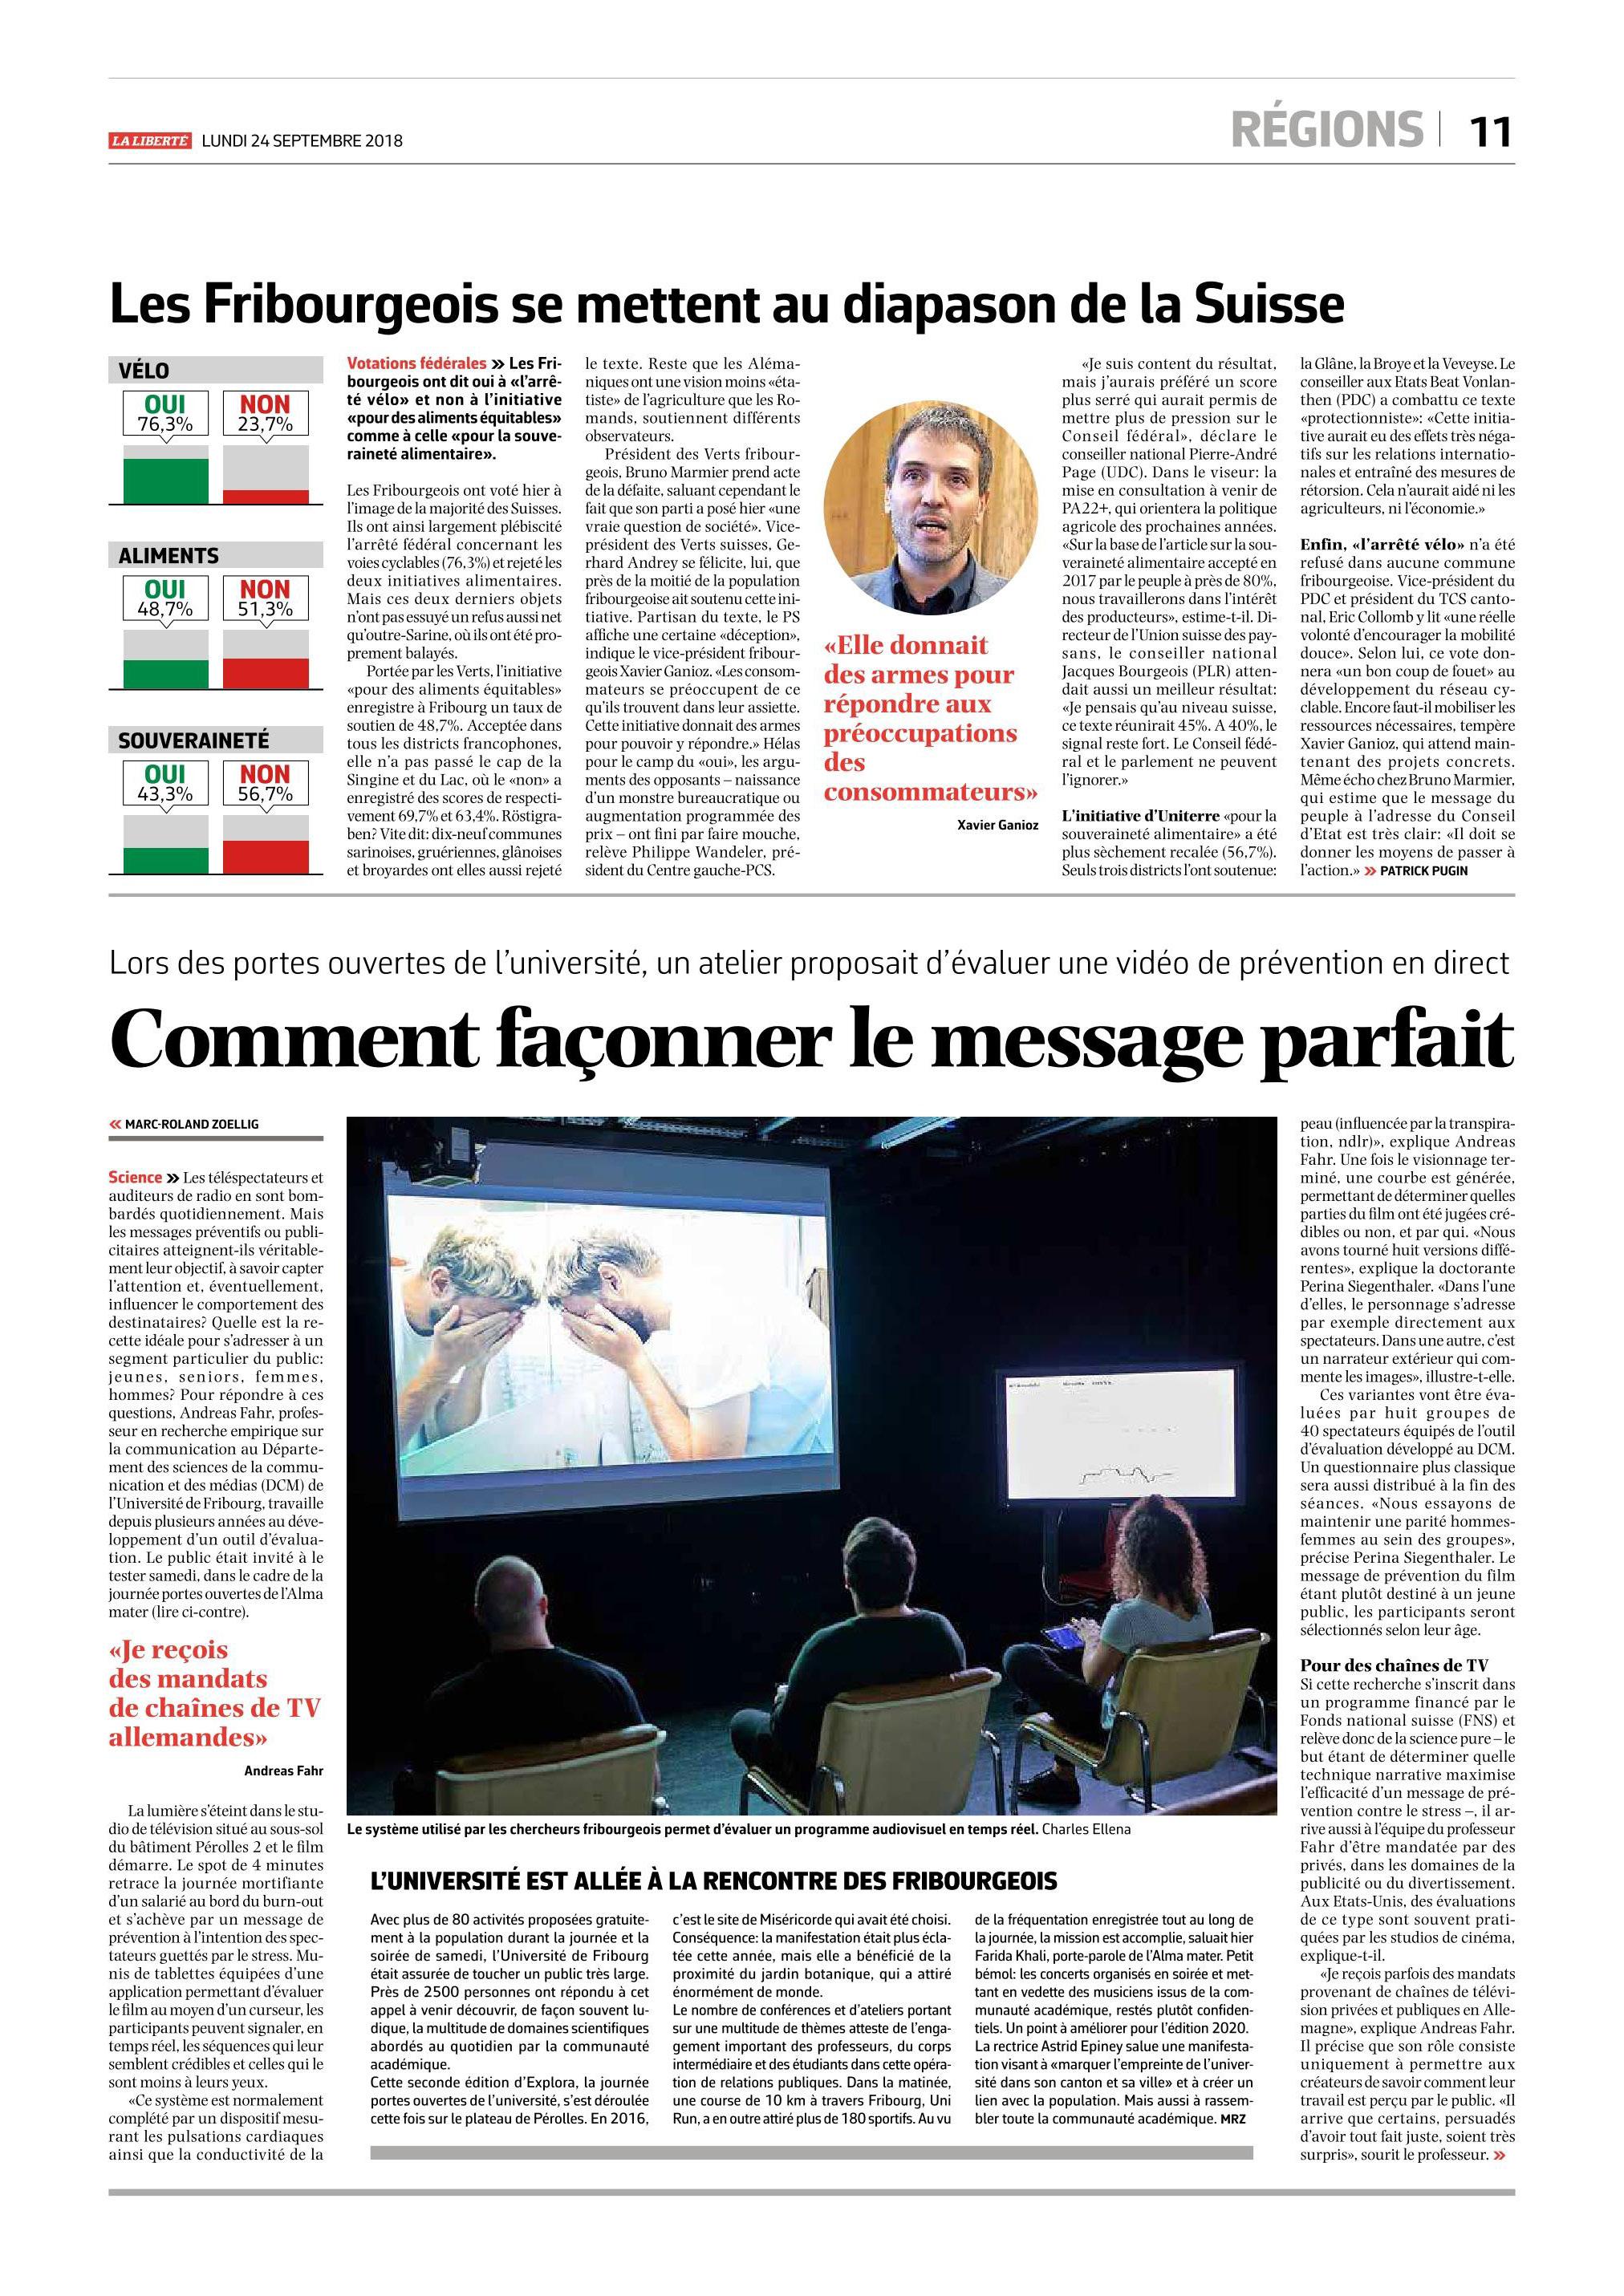 La Liberté, 21.09.2018